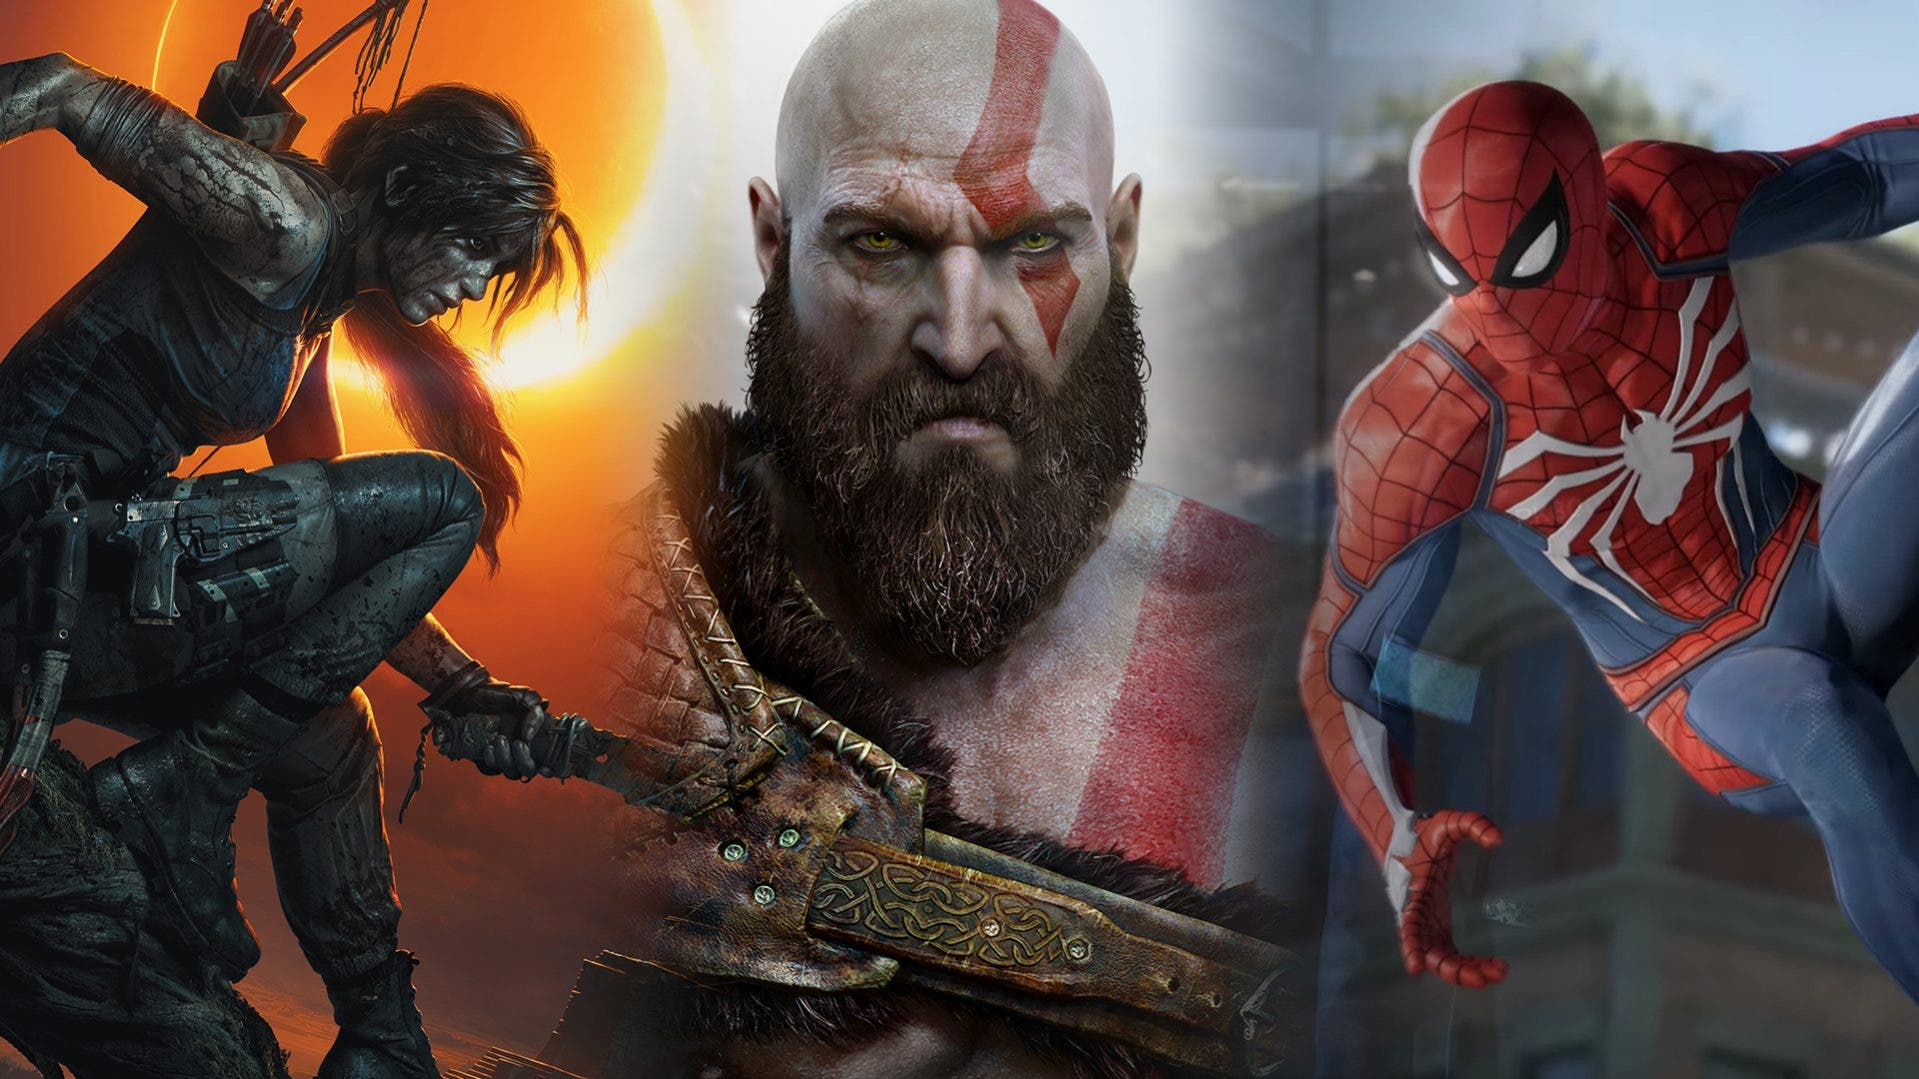 Imagen de God of War y otras aventuras destacadas que llegarán en 2018